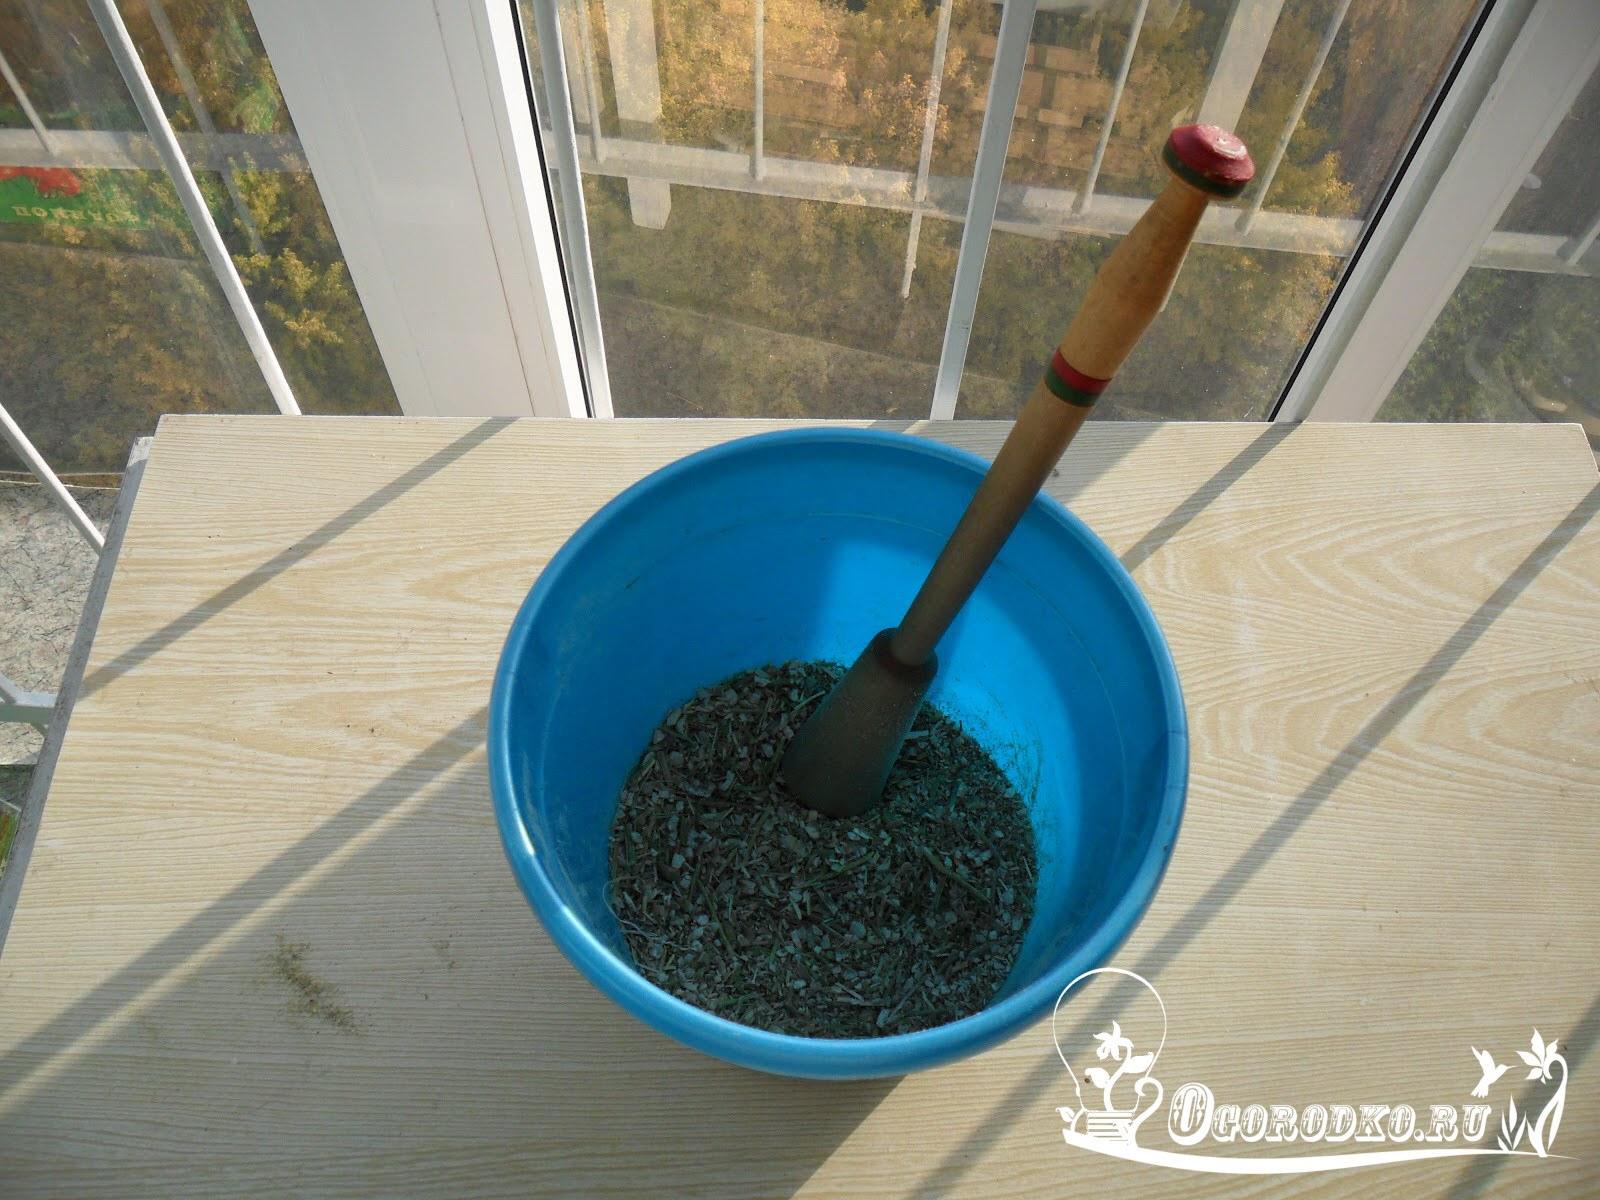 Как извлечь семена редиски